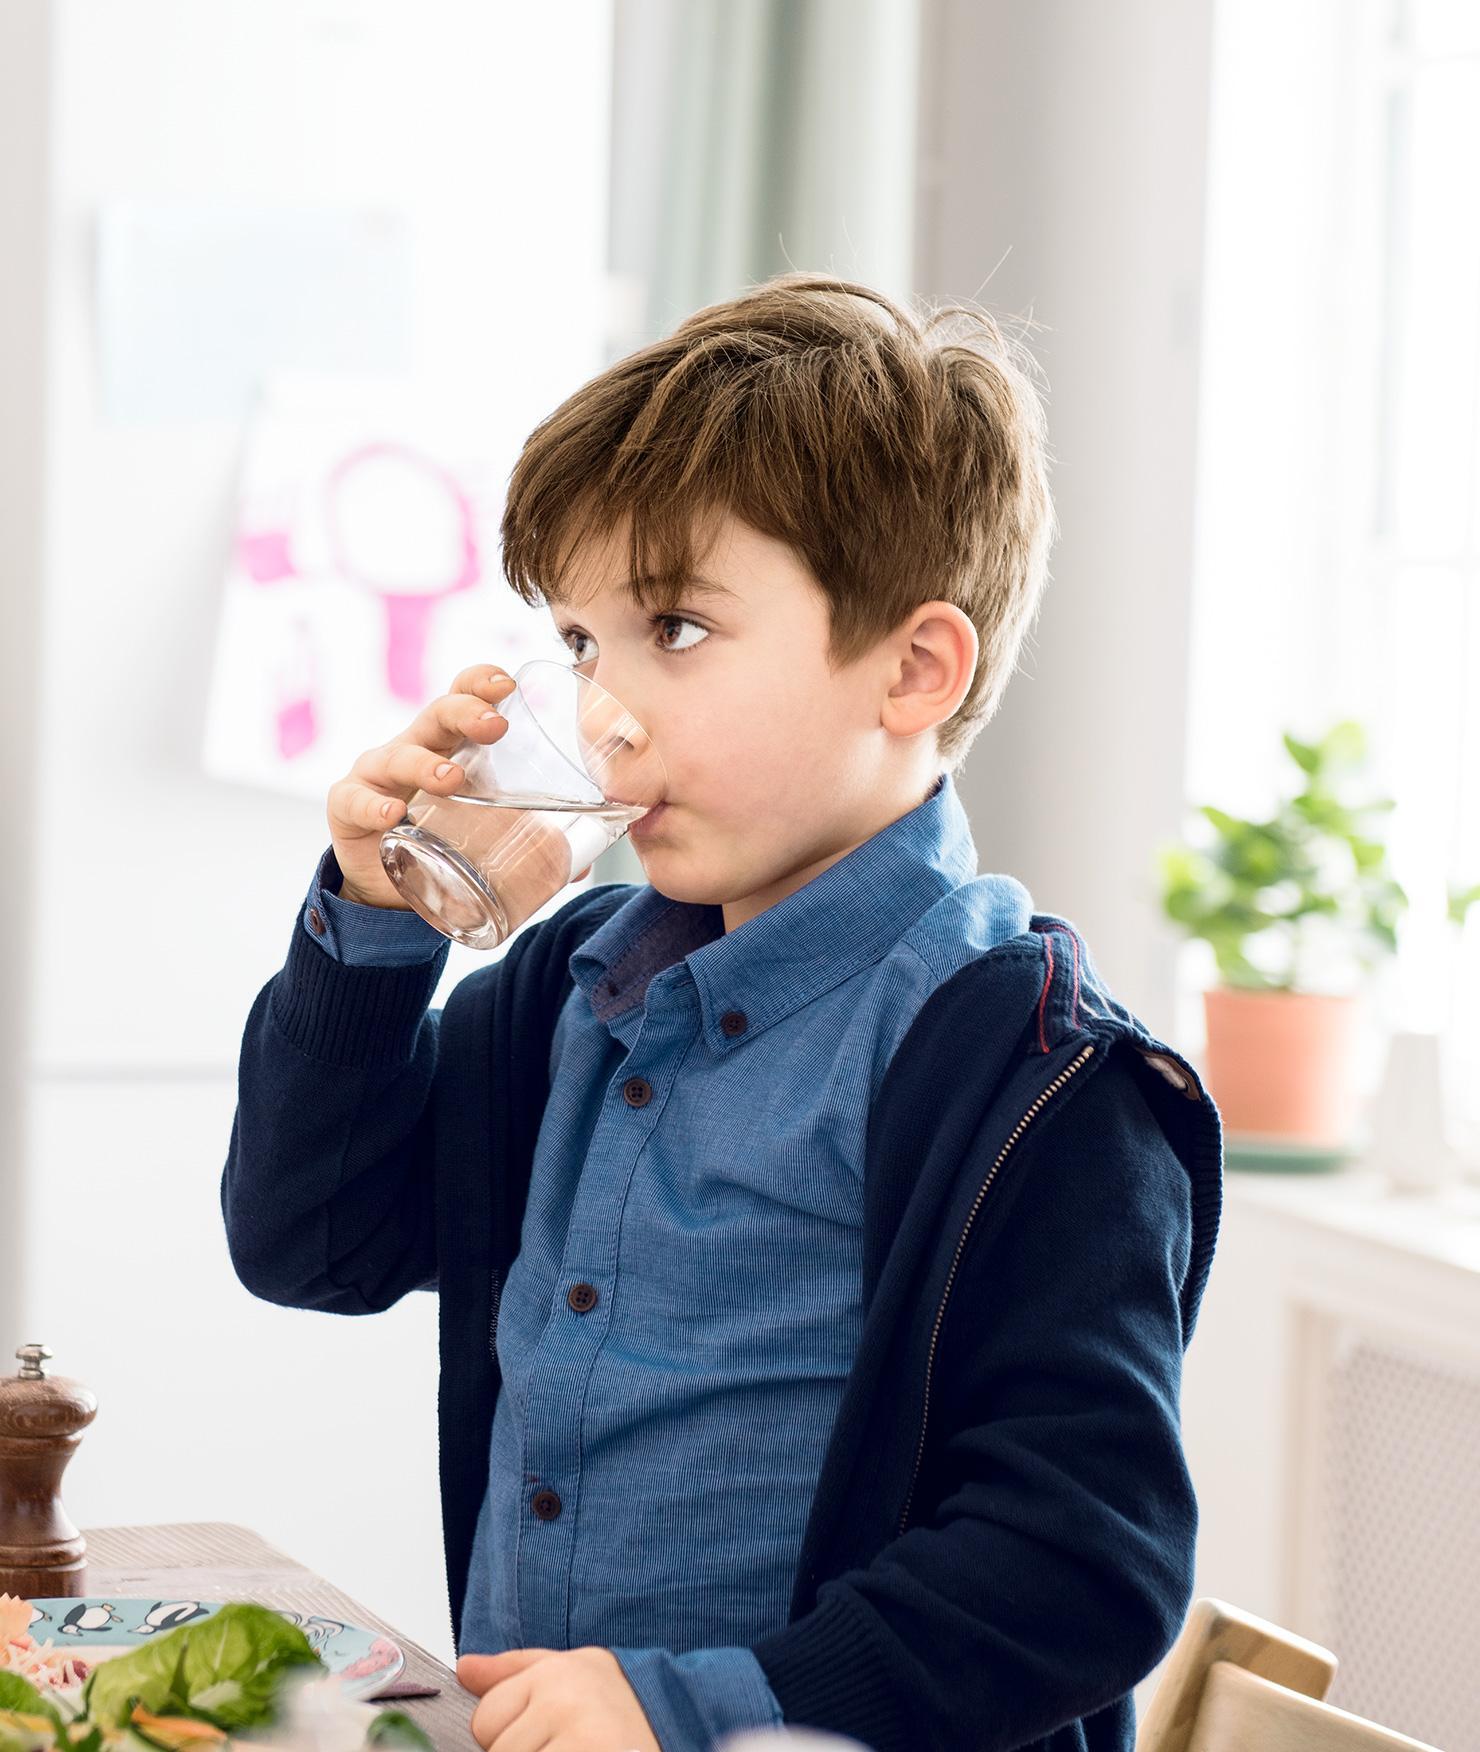 BRITA indywidualne nawodnienie chłopiec pije wodę